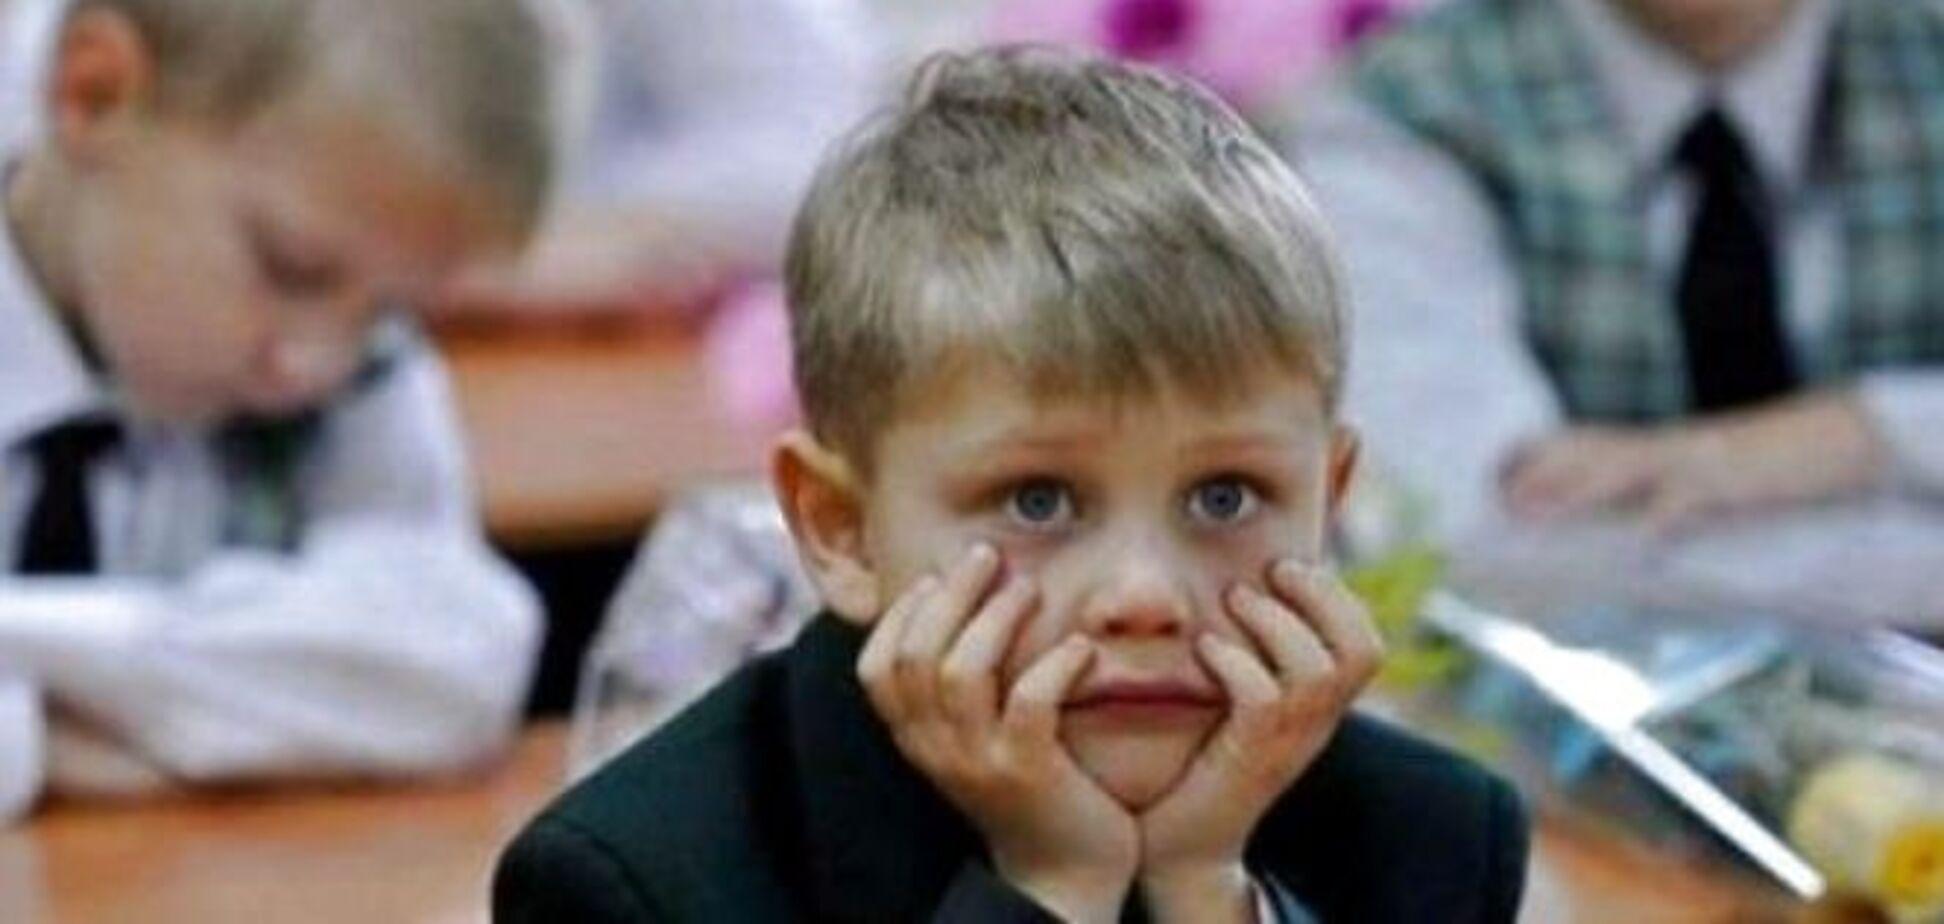 Власть игнорирует: в Одесской области более 1000 детей остались без школы